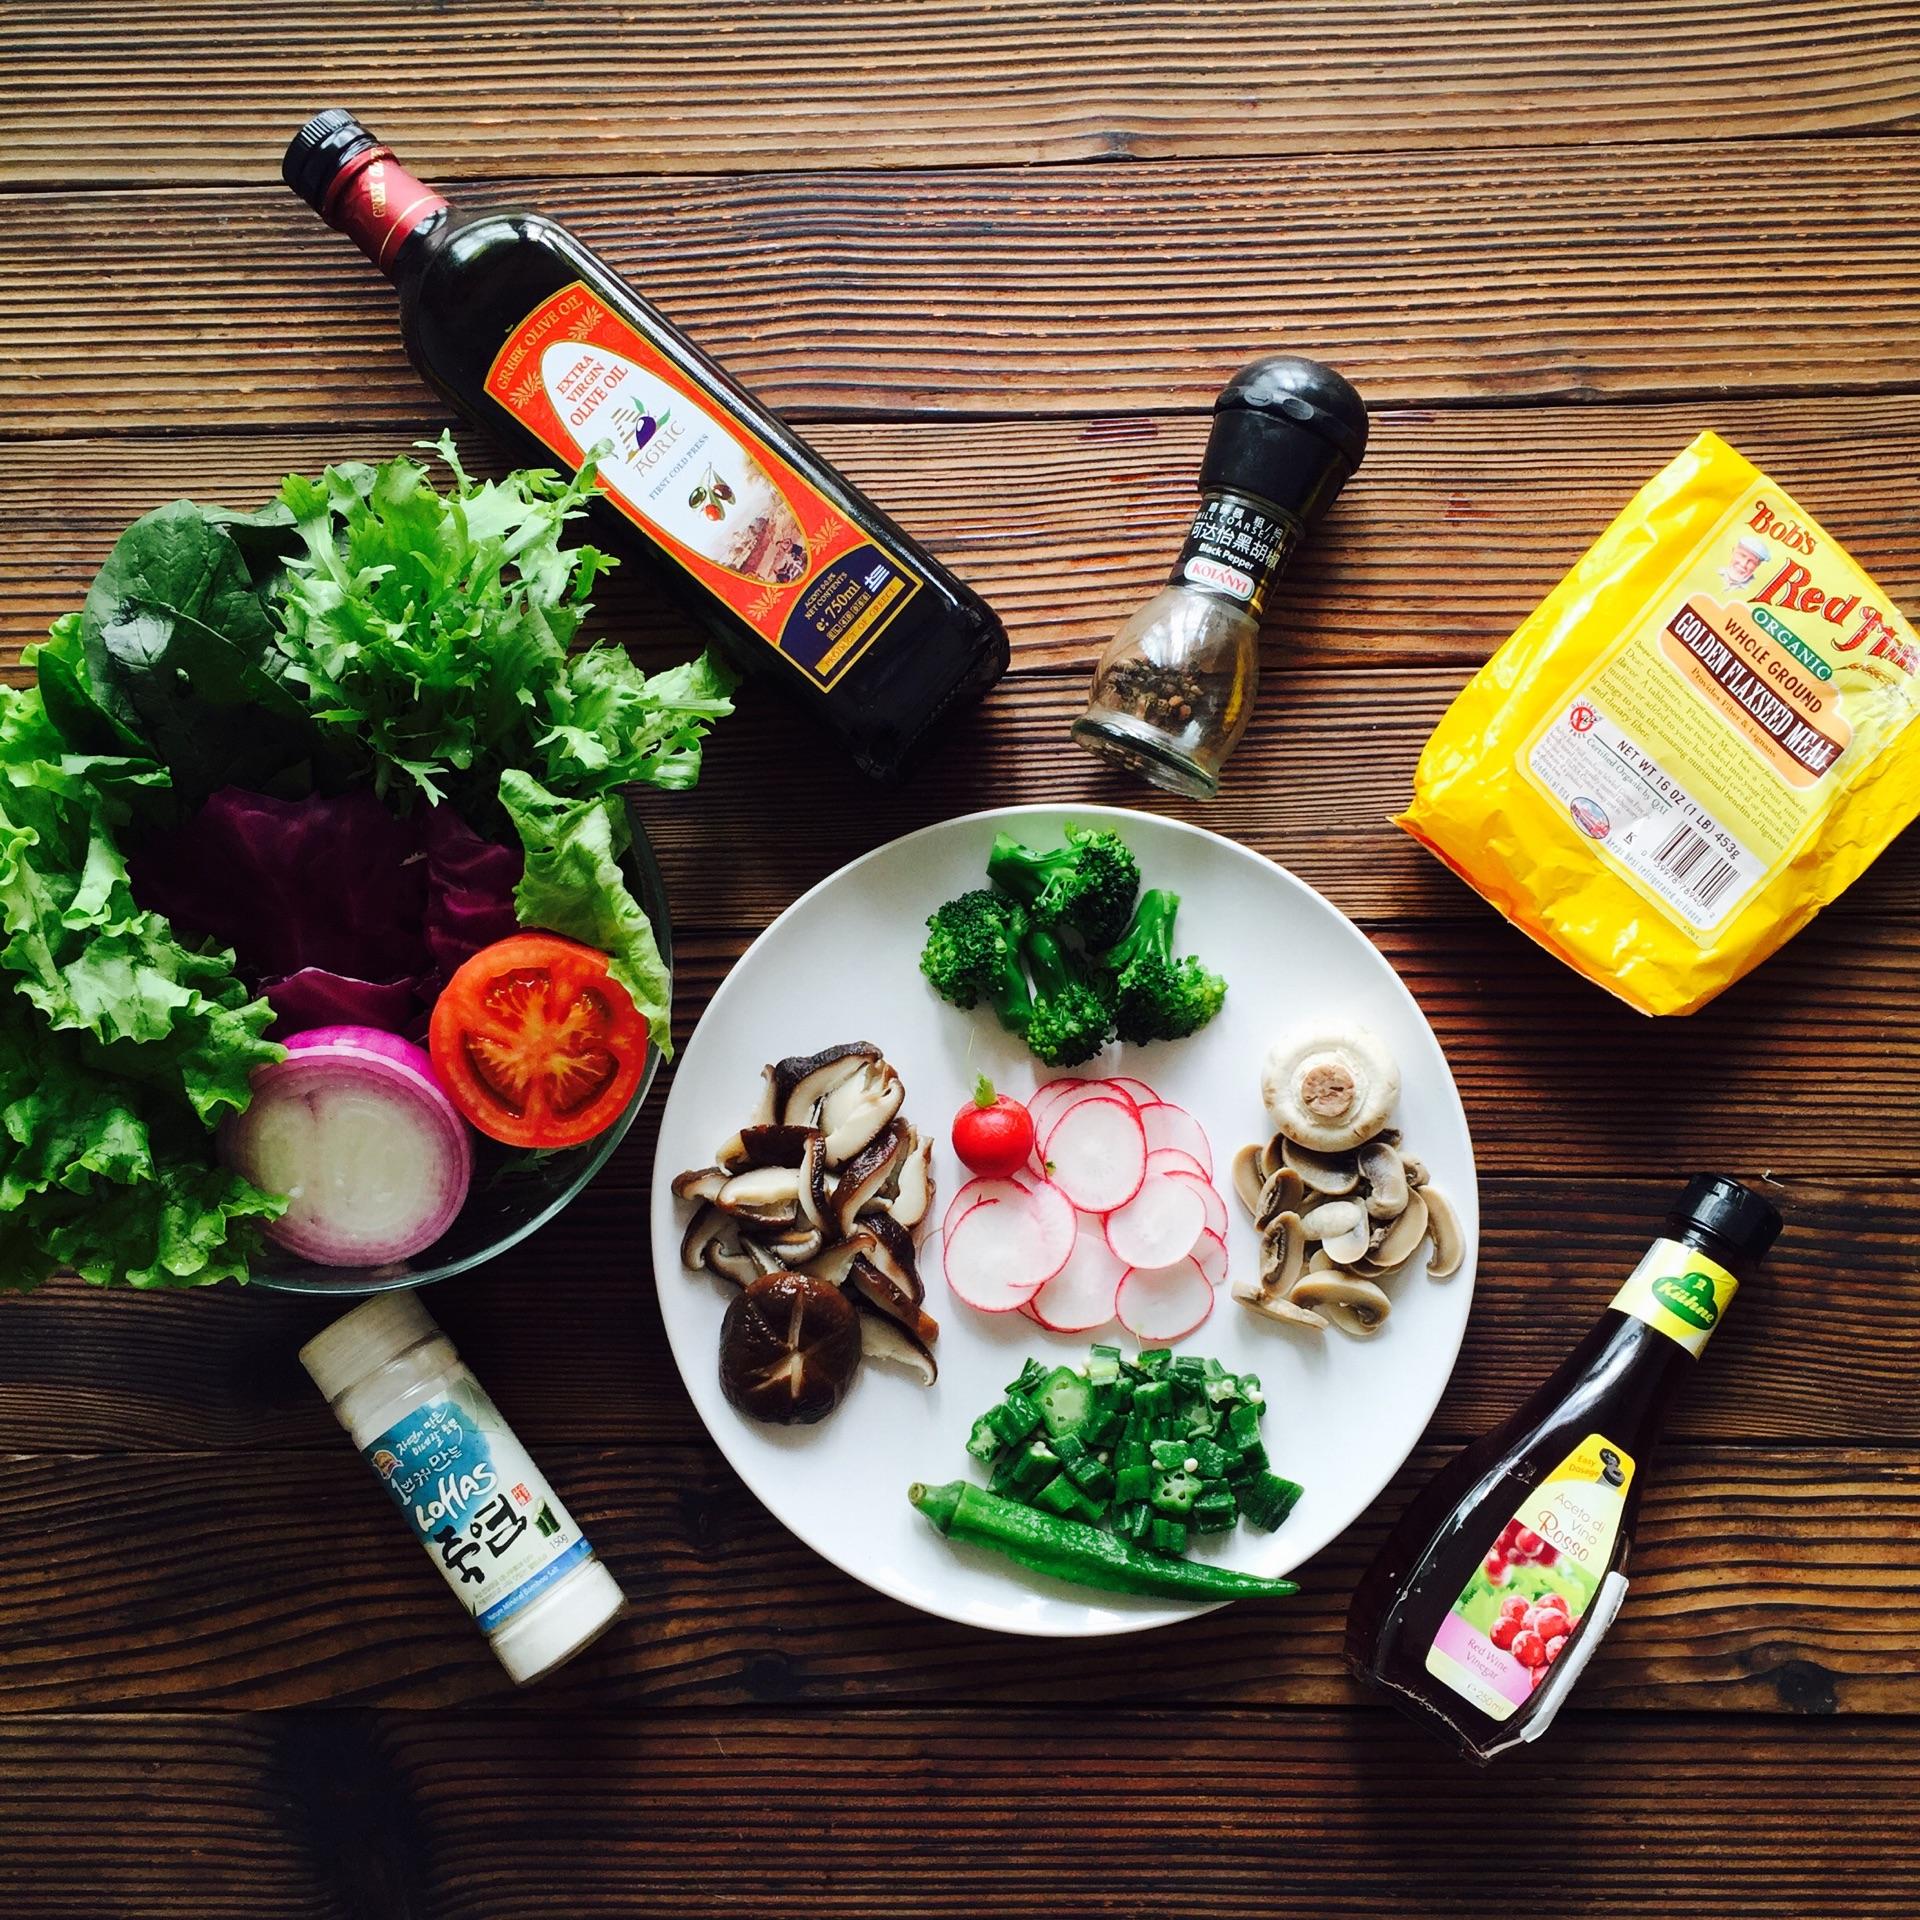 减脂增肌超低卡蔬菜沙拉的做法步骤